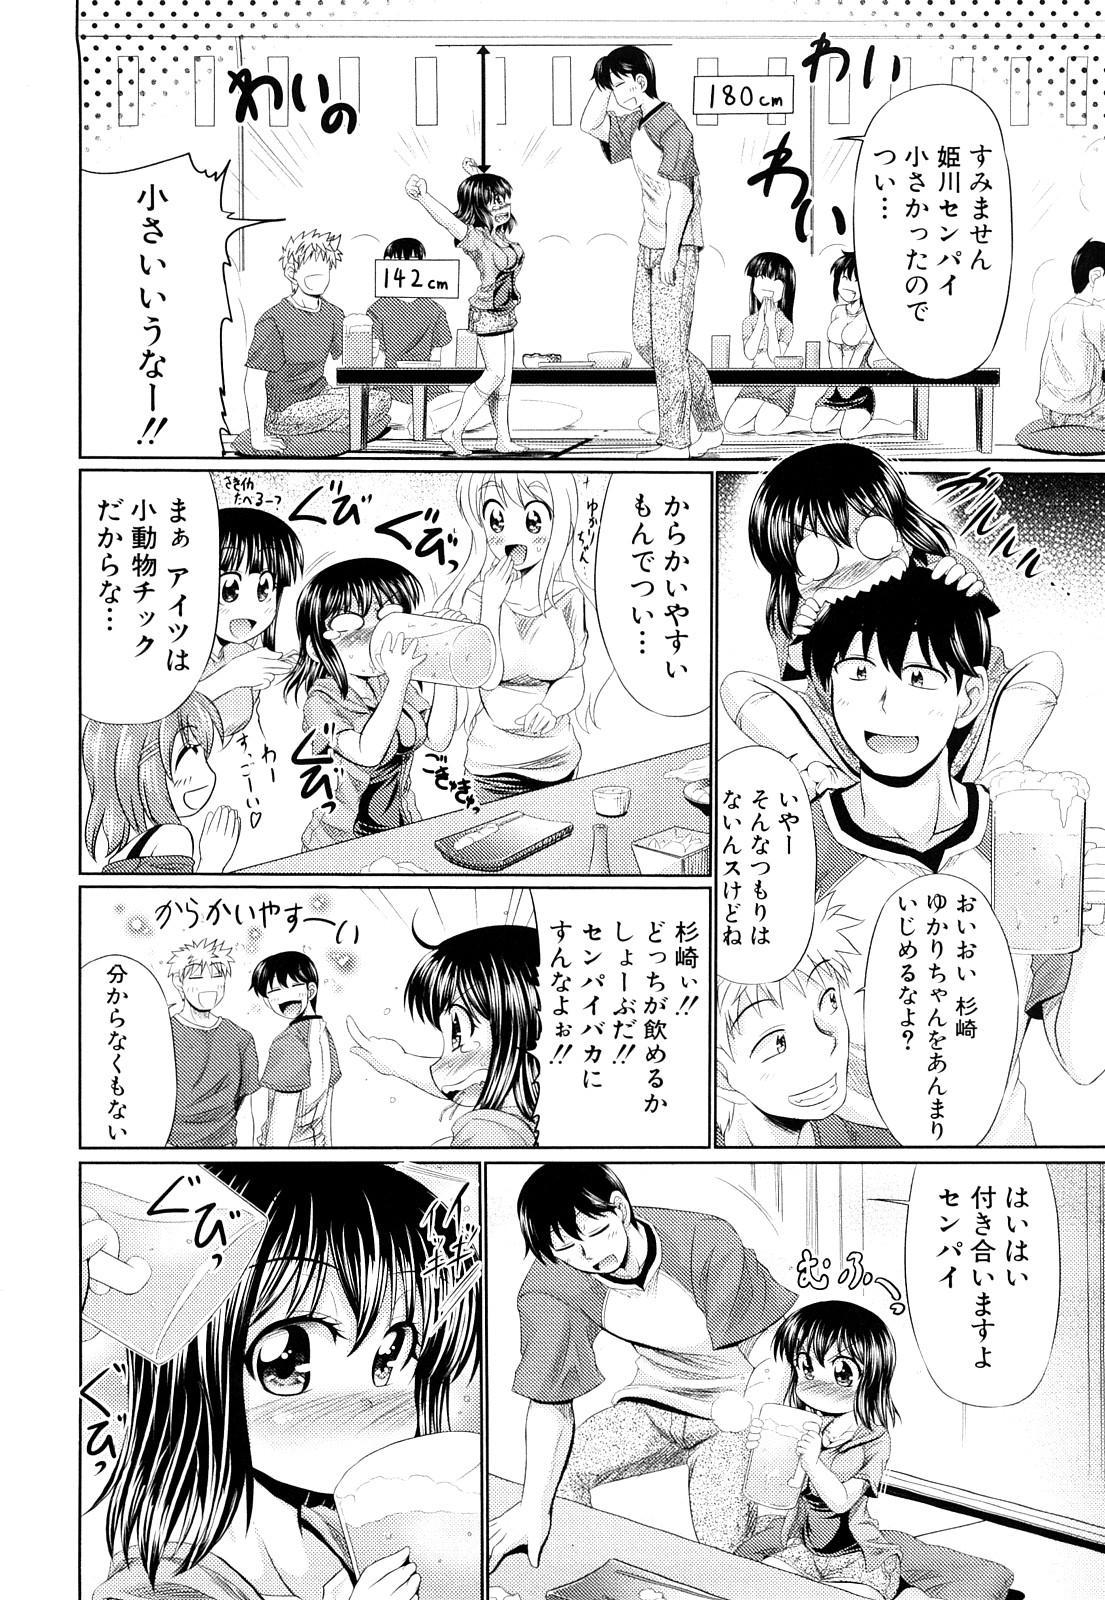 Nikuyoku Analyze 44